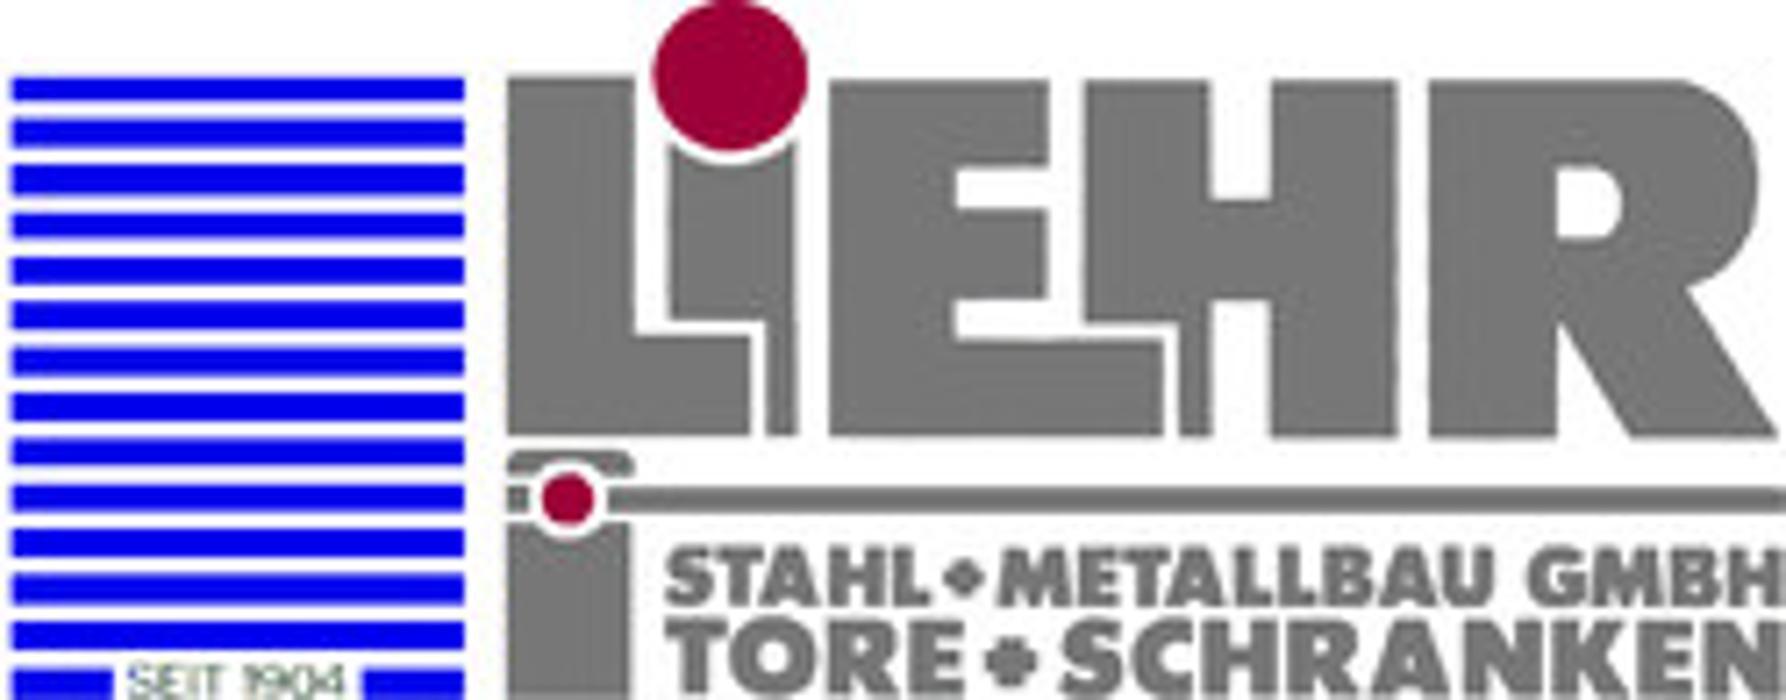 Bild zu Walter Liehr Stahl und Metallbau GmbH in Berlin